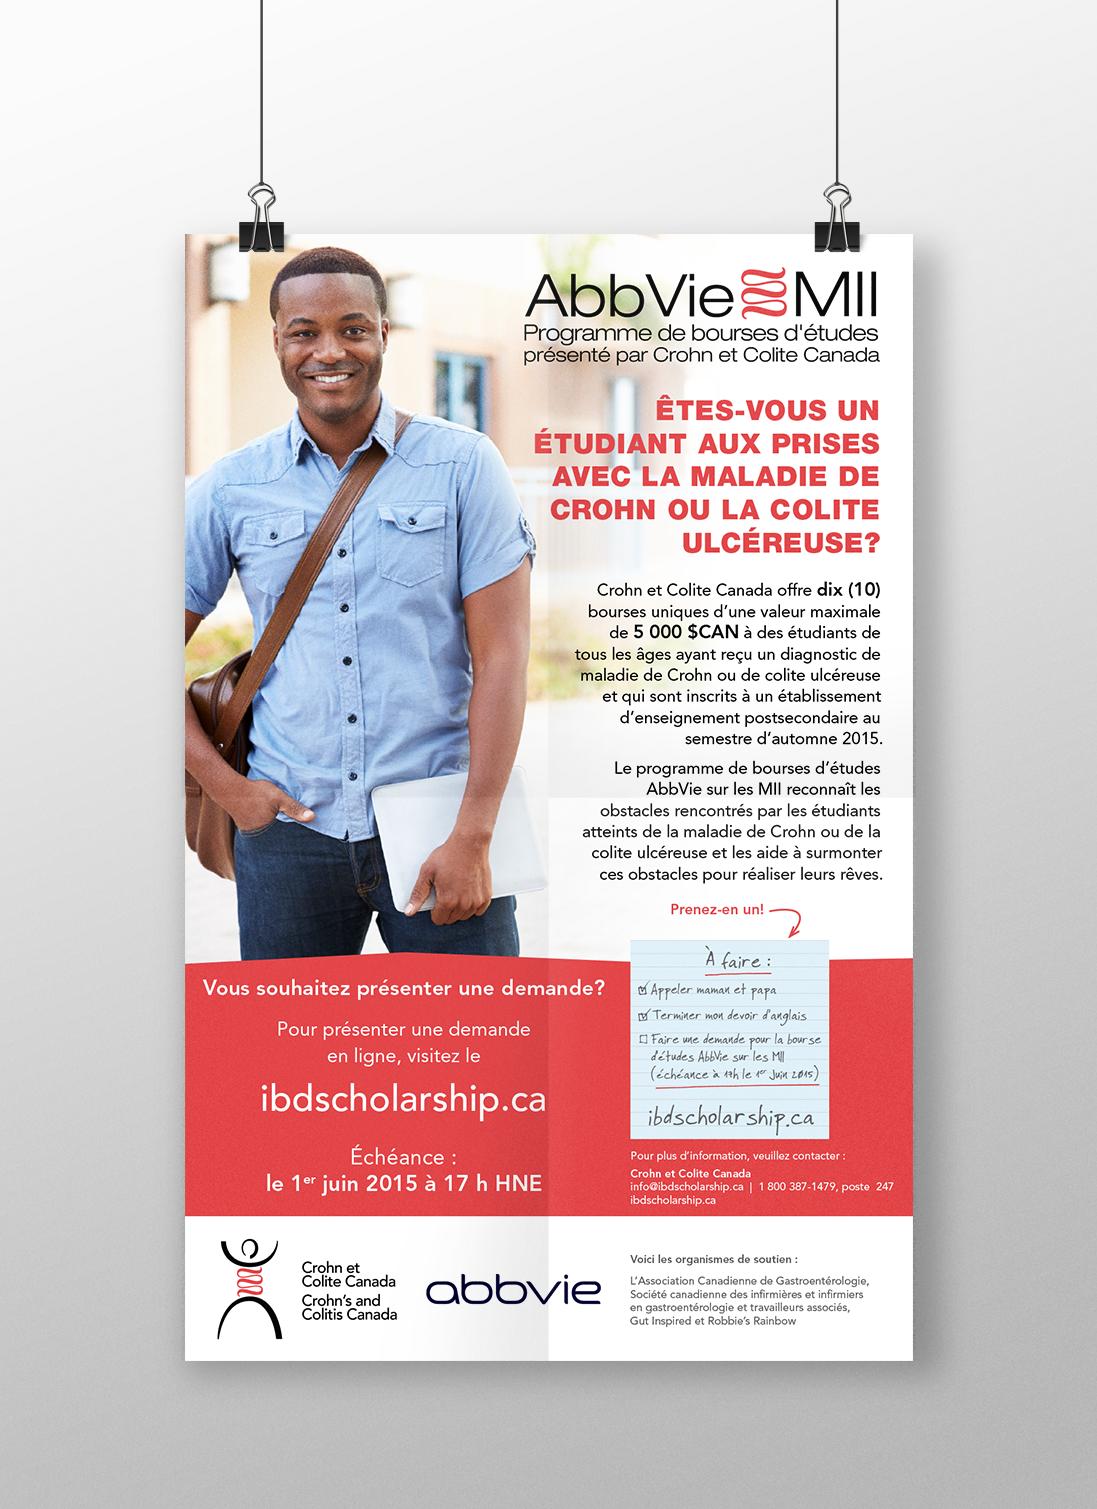 Affiche pour Crohn et Colite Canada